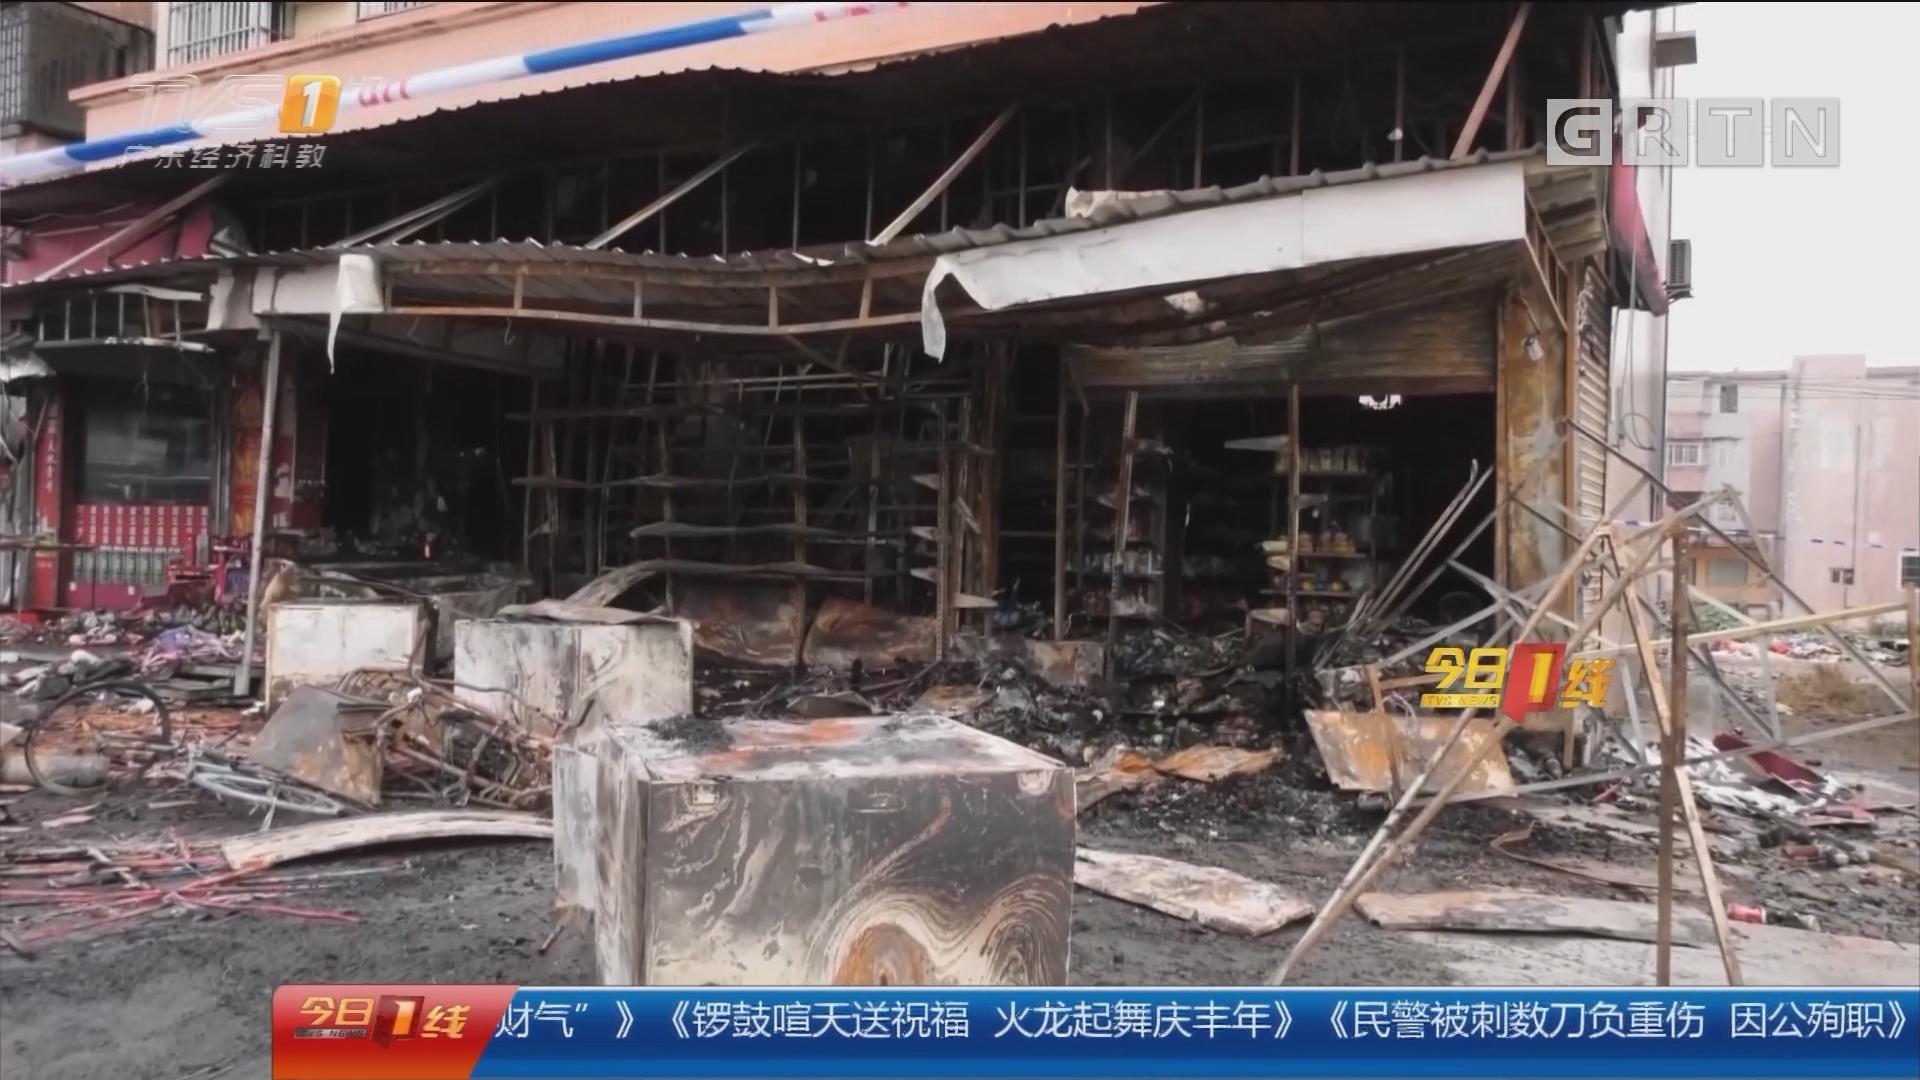 江门台山:超市门口爆竹被引燃 店铺燃起大火